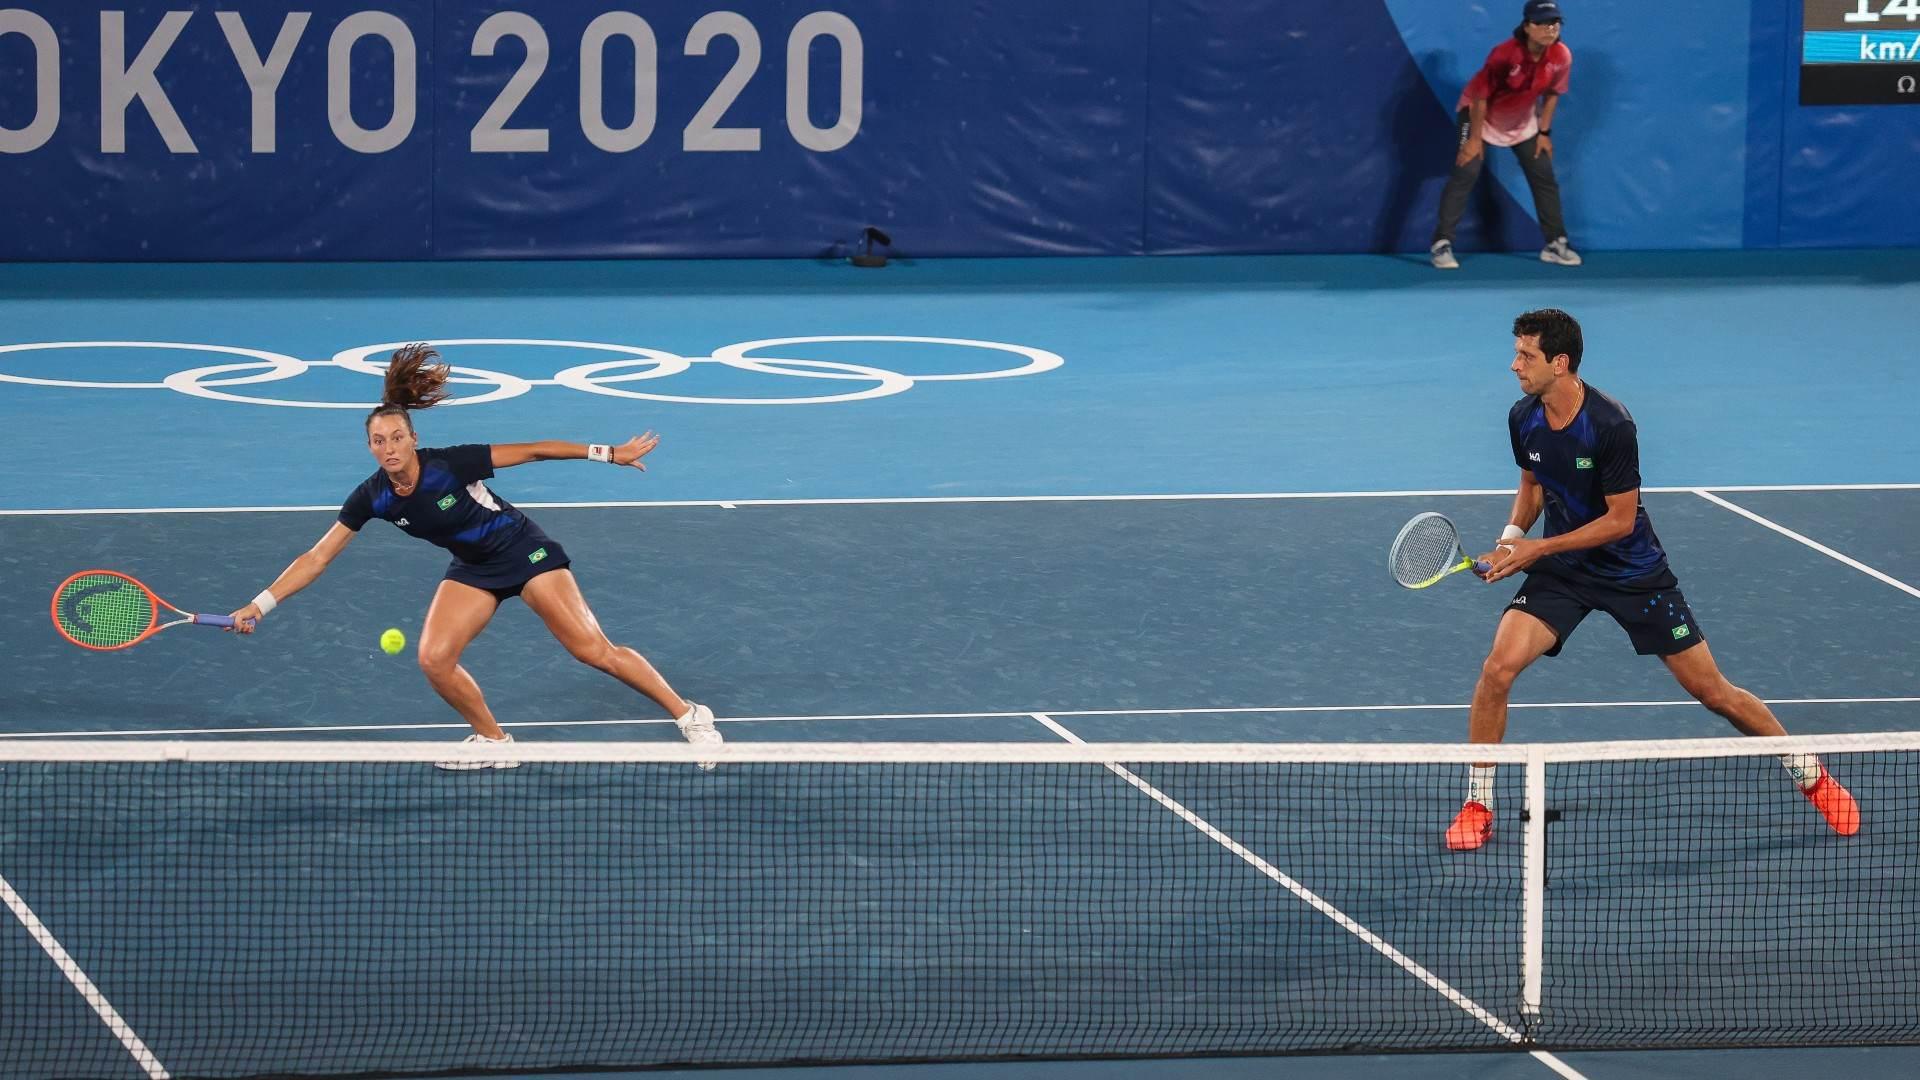 Luisa Stefani e Marcelo Melo perderam por 2 a 0 para Djokovic e Stojanovic